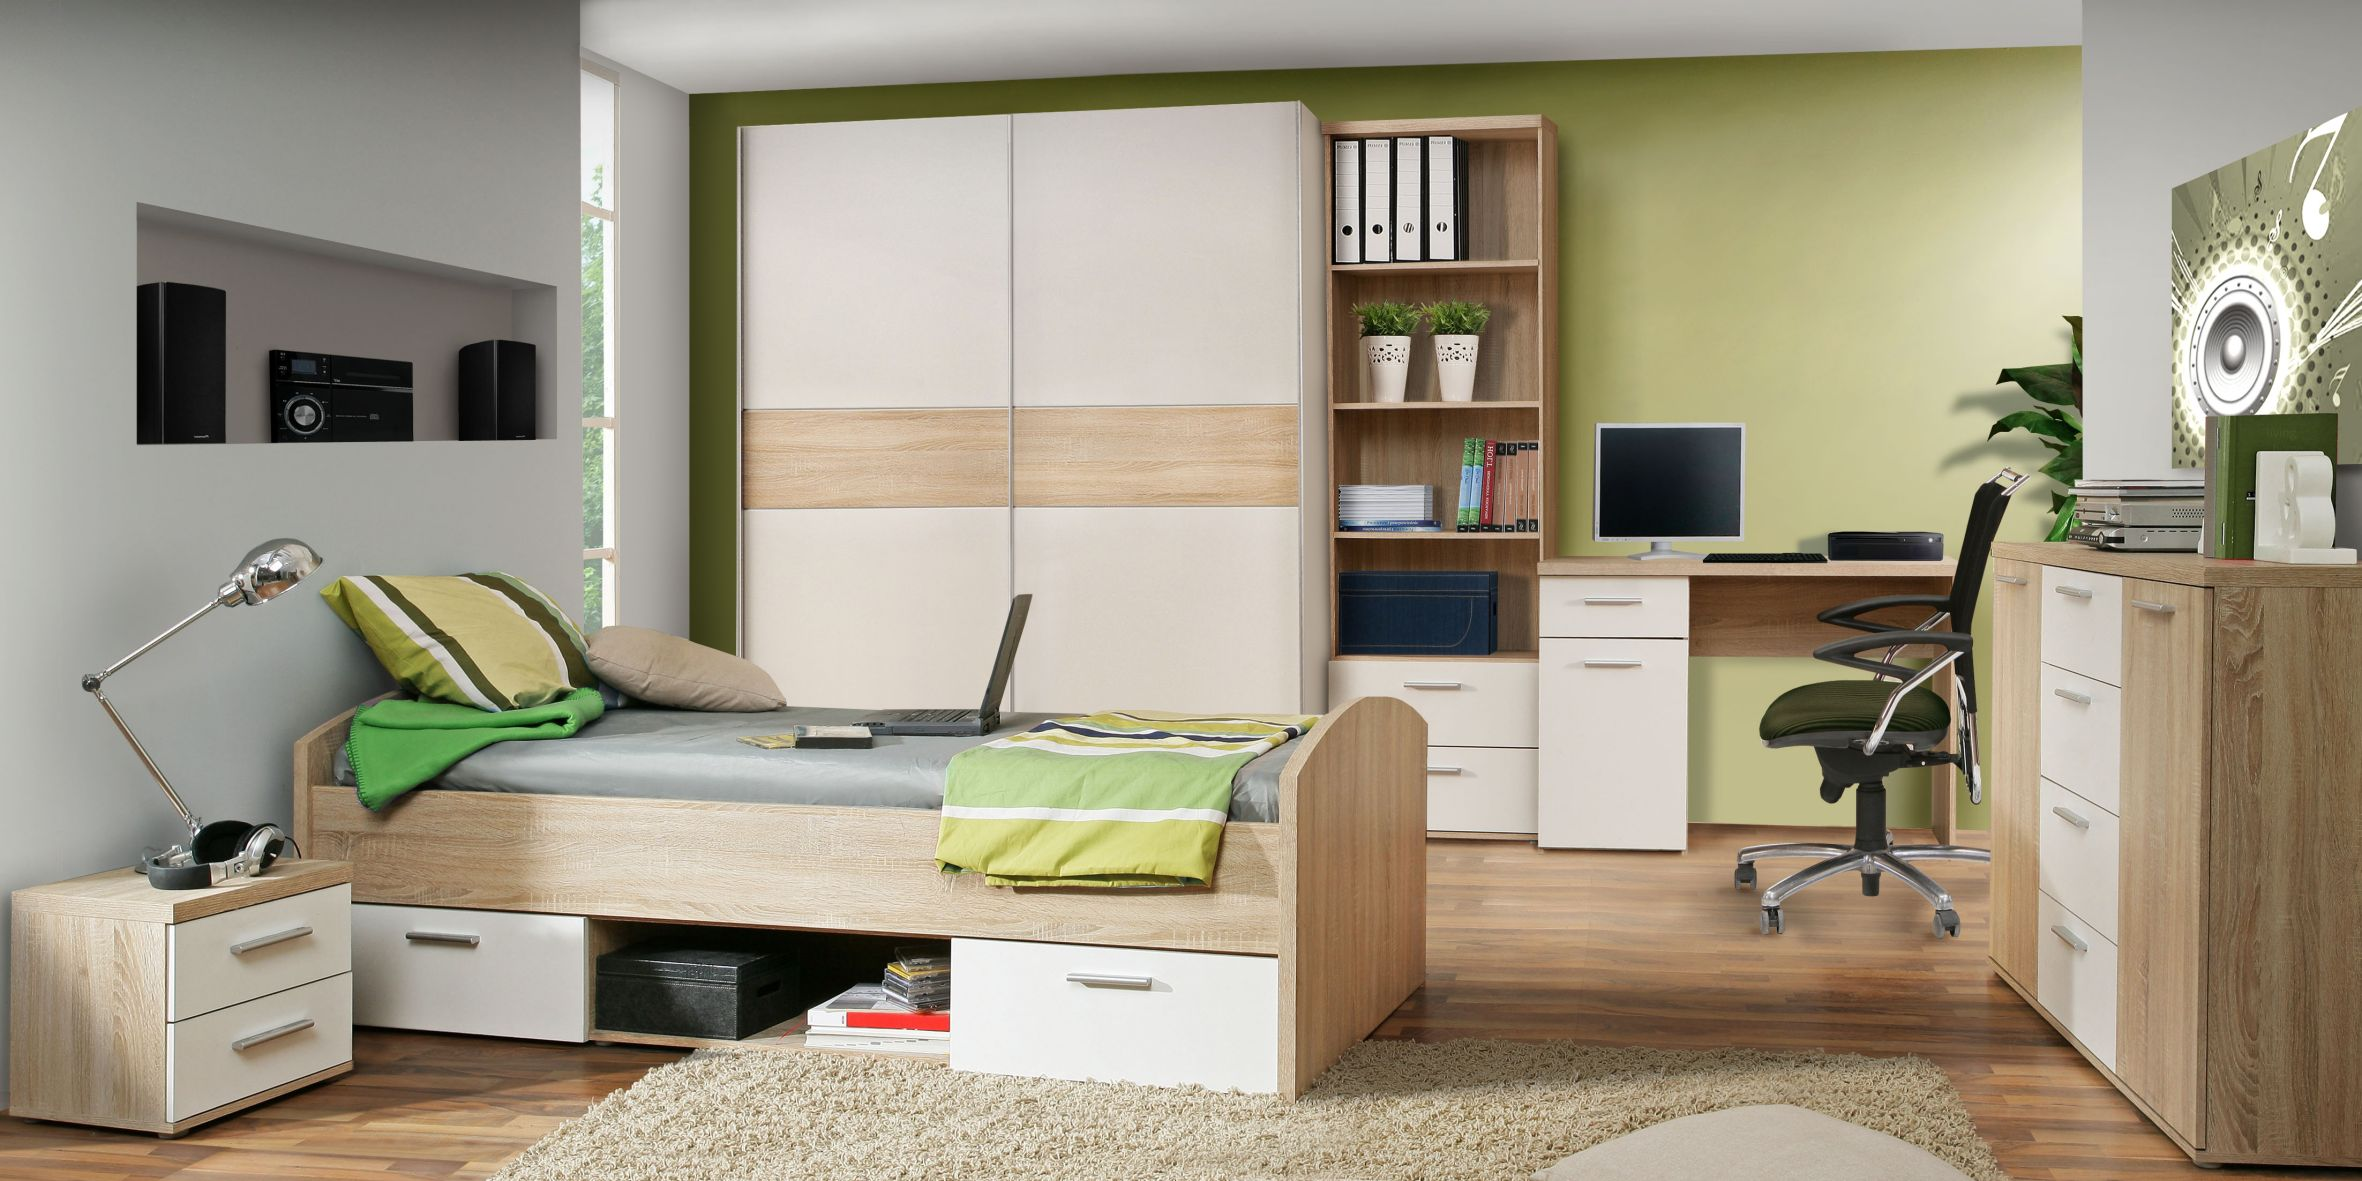 kommode 2 schubk sten winnie von forte sonoma eiche weiss. Black Bedroom Furniture Sets. Home Design Ideas